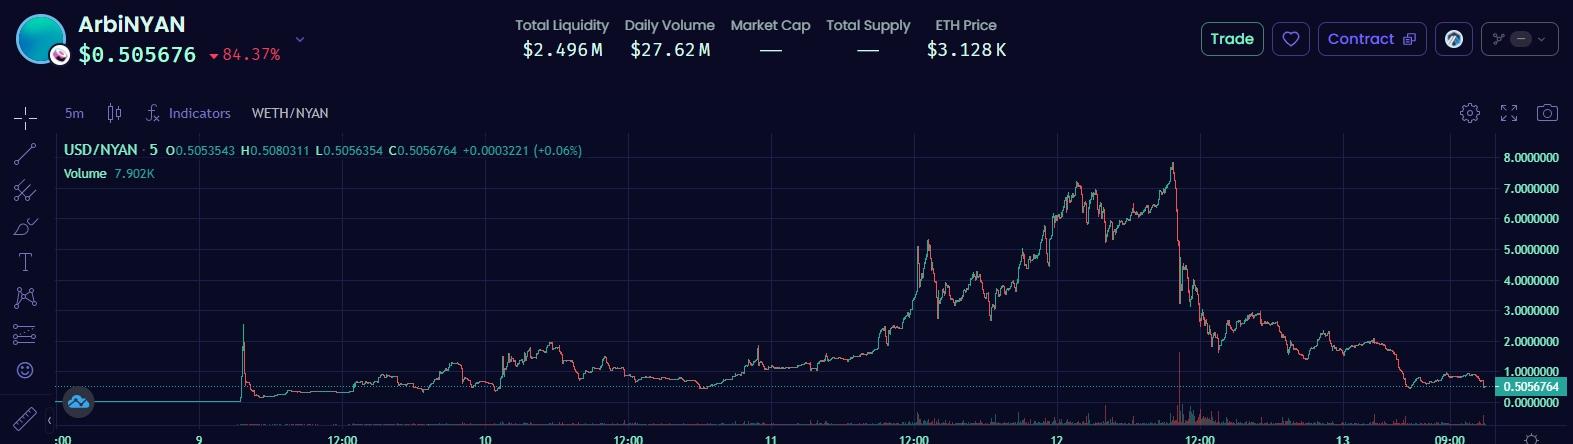 Стоимость активов в Ethereum-решении второго уровня Arbitrum достигла $2,2 млрд